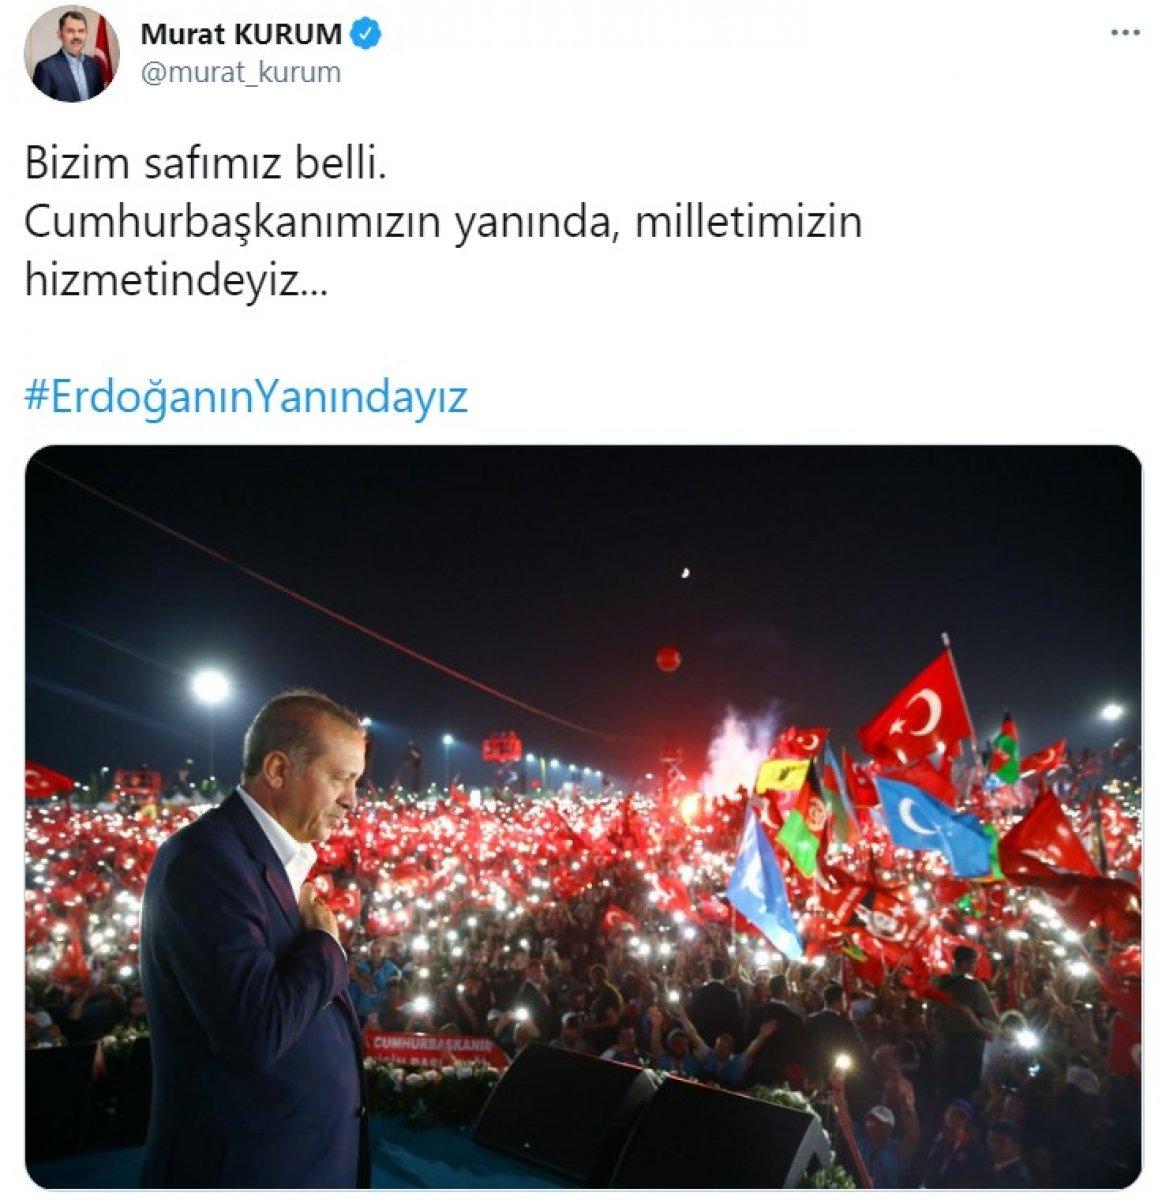 Cumhurbaşkanı Erdoğan a destek tweet leri 2 milyonu aştı #5